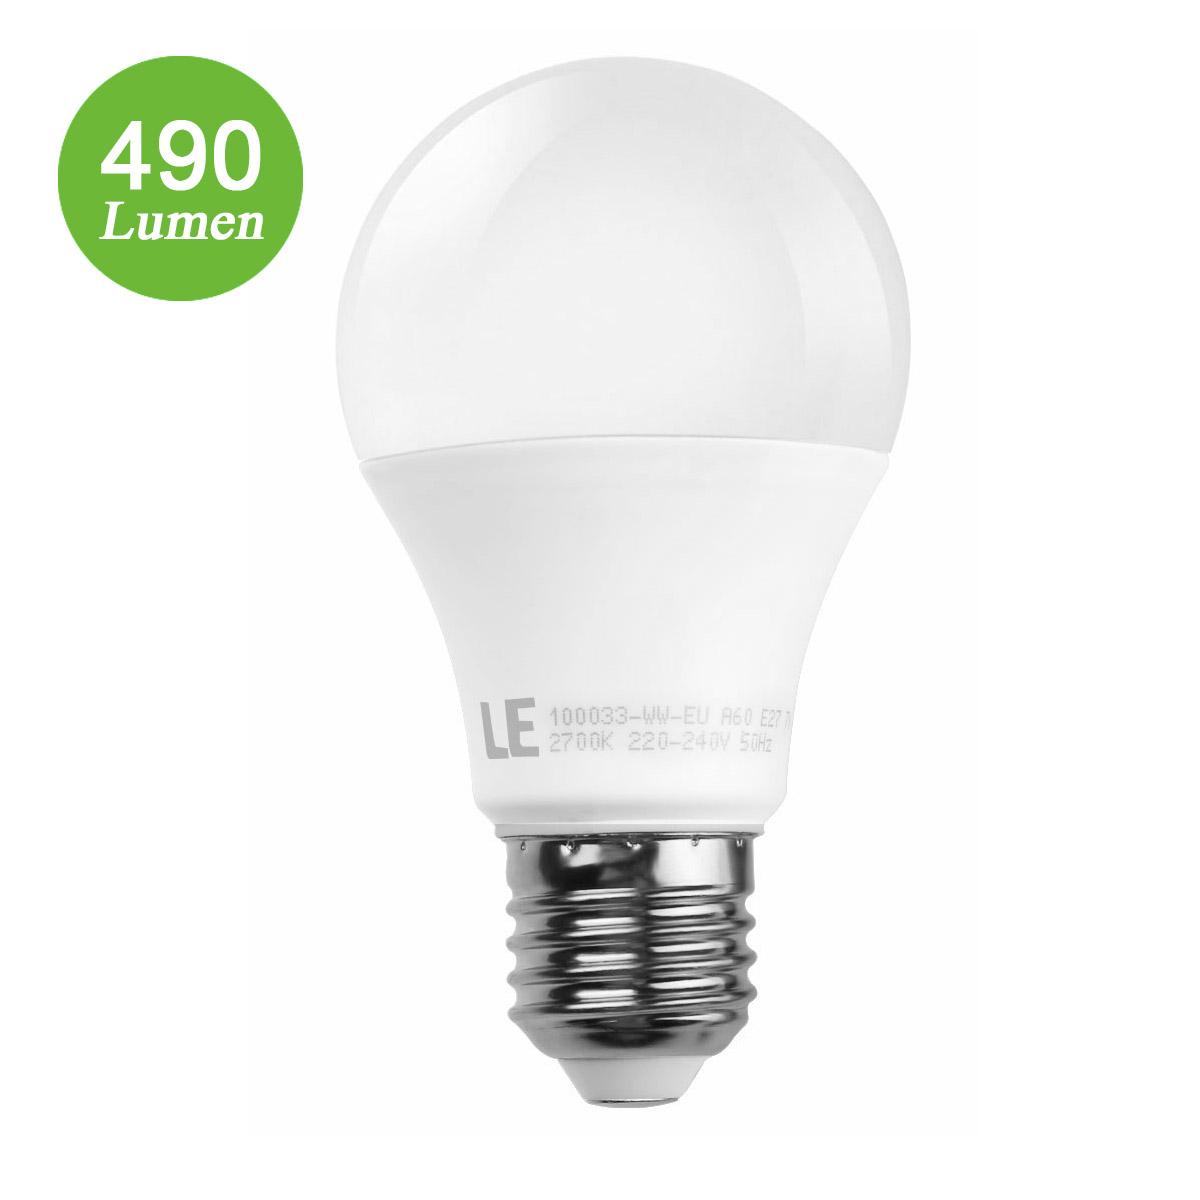 7W E27 LED Birnen, A60 490lm Lampe, Strahler Licht, ersetzt 40W-Glühlampe, warmweiß